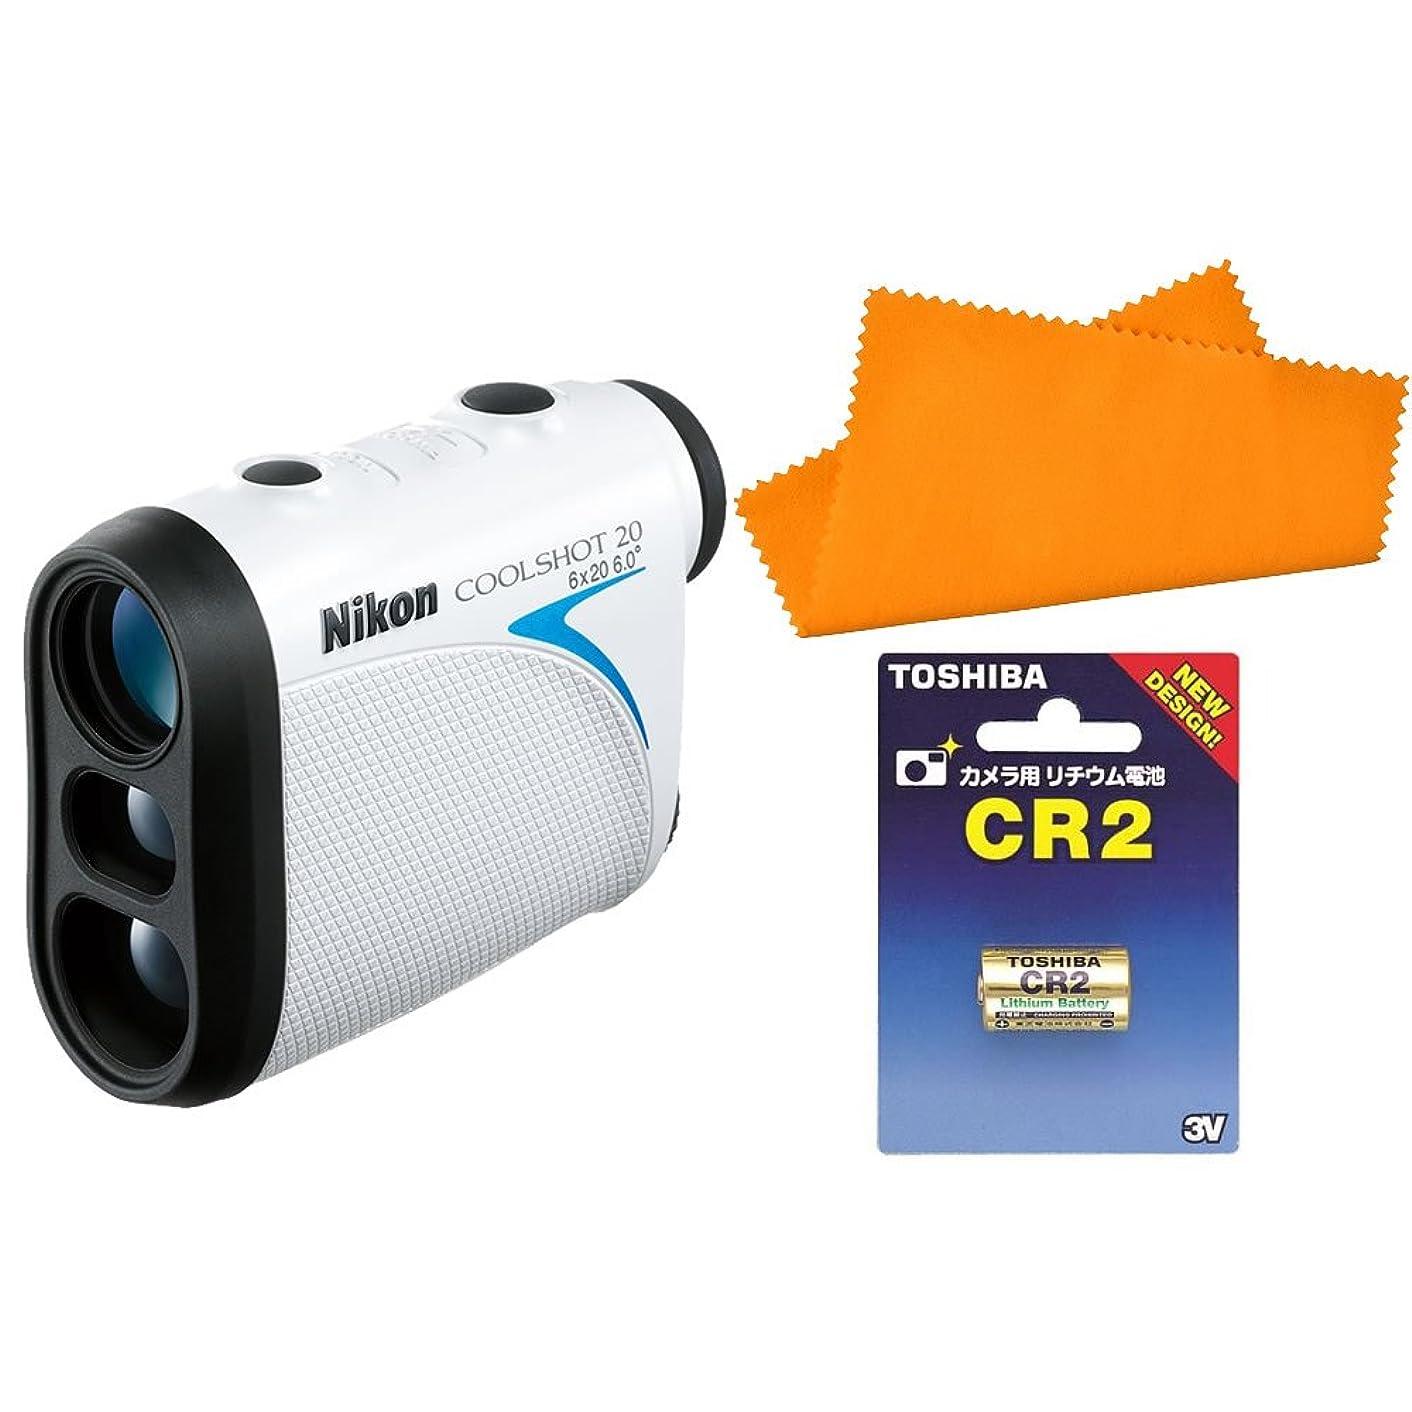 不毛の不安定な画像Nikon ゴルフ用レーザー距離計 COOLSHOT PRO STABILIZED + TOSHIBA CR2G 2P カメラ用リチウムパック電池 セット